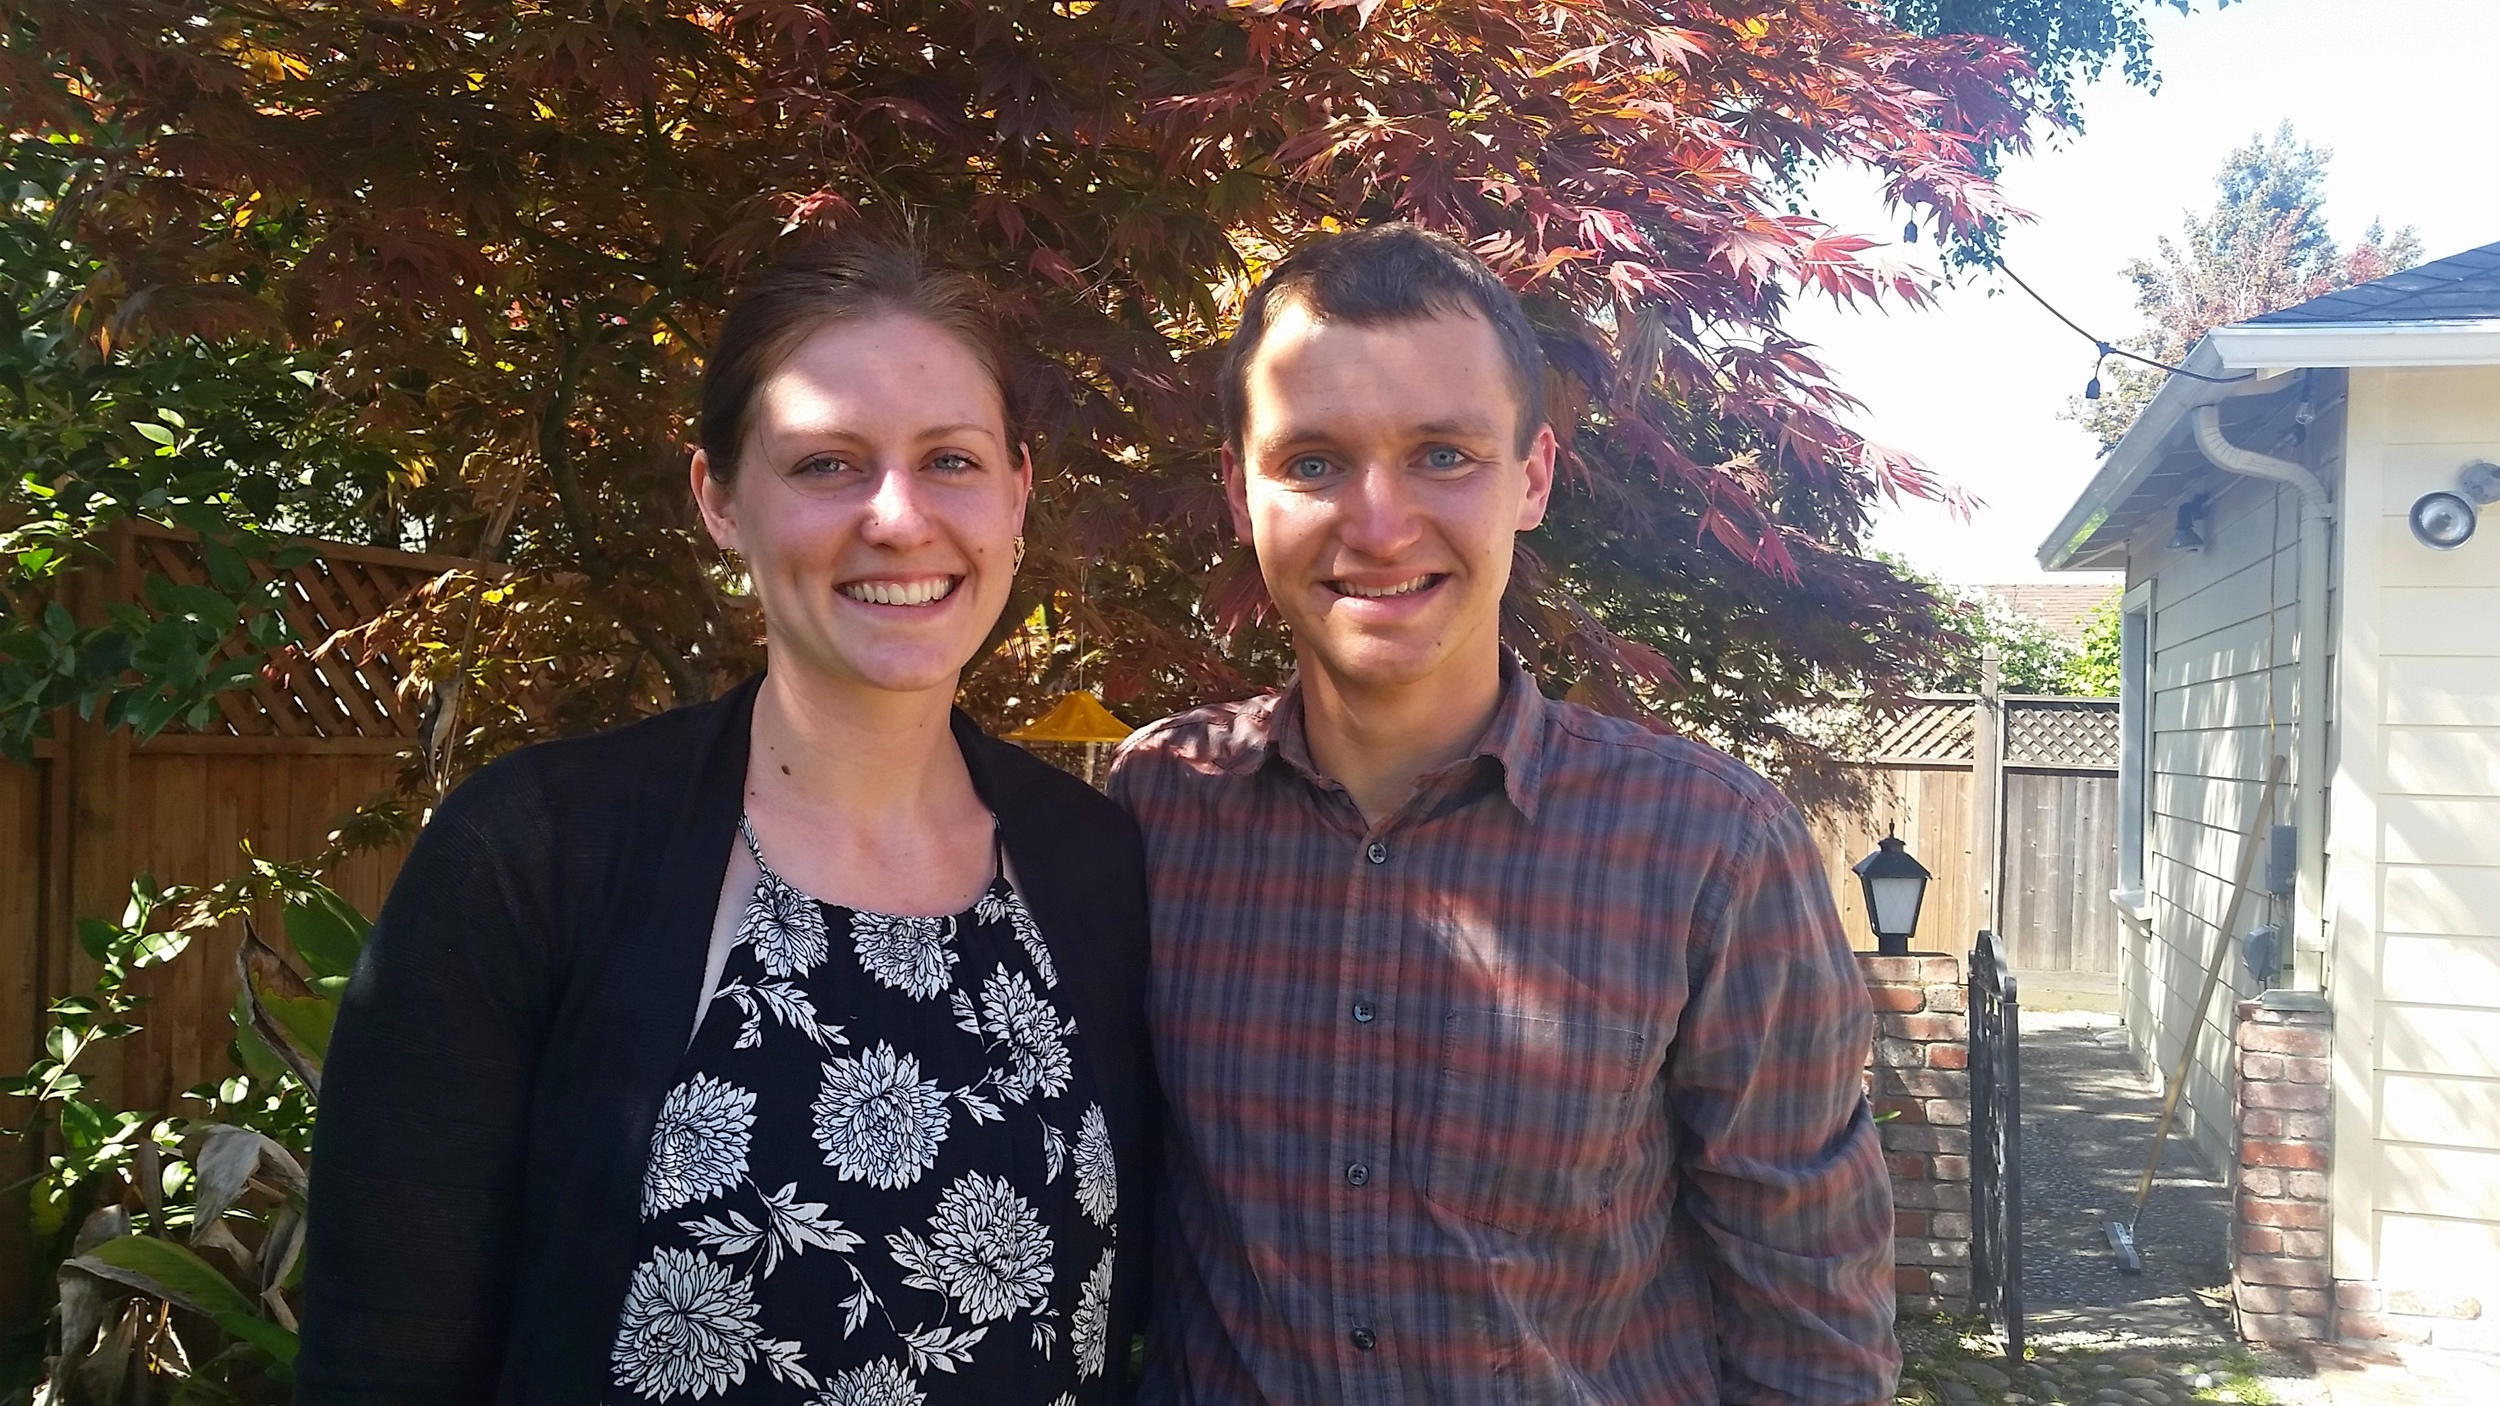 Siblings in our Easter best.